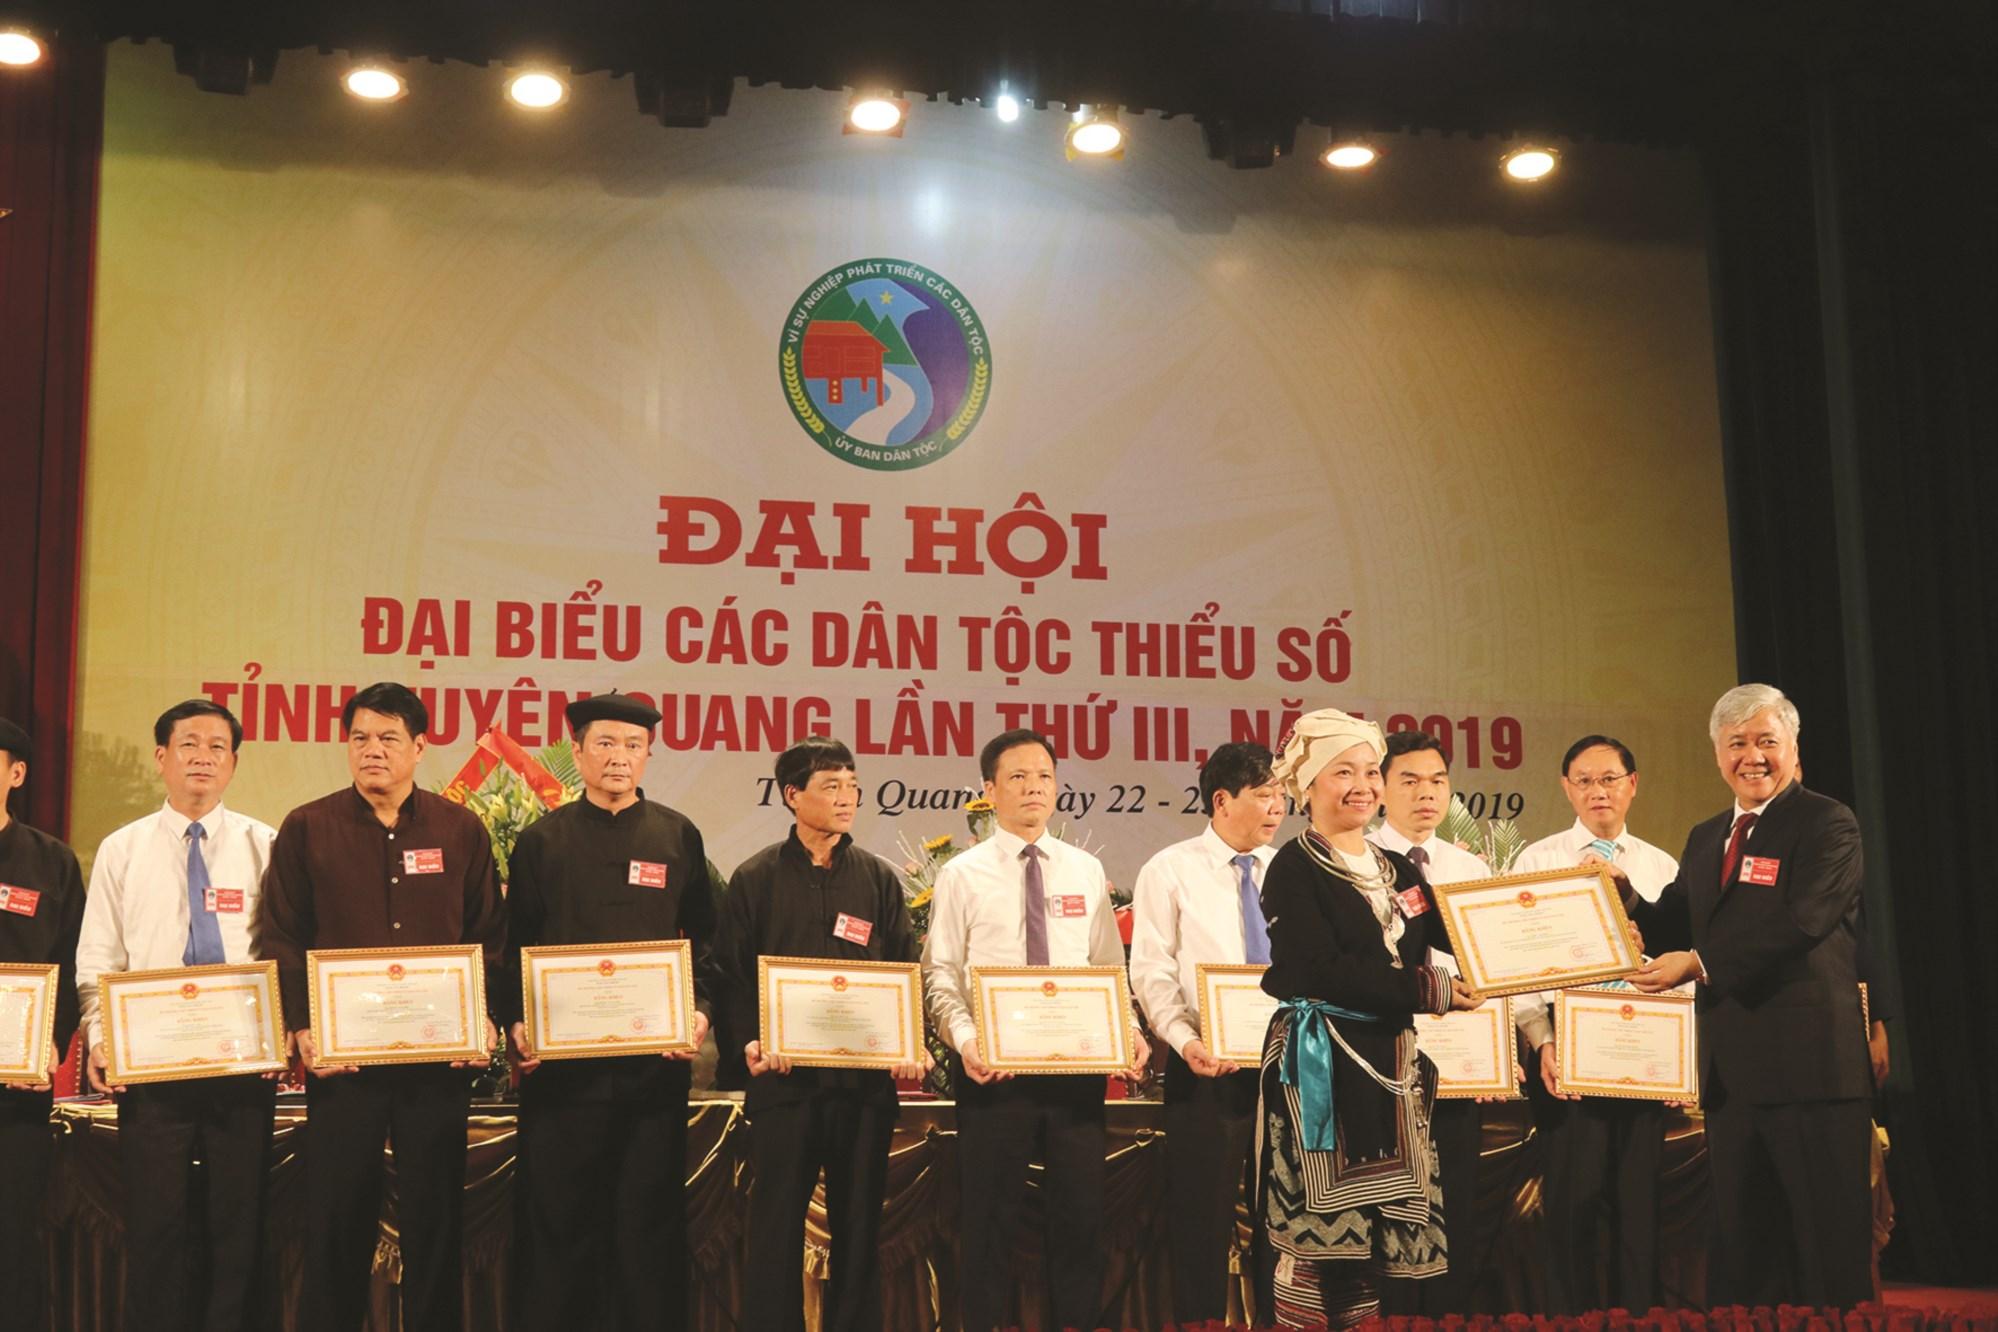 Bộ trưởng Đỗ Văn Chiến trao Bằng khen cho các cá nhân tiêu biểu tại Đại hội Đại biểu các DTTS tỉnh Tuyên Quang lần thứ III.